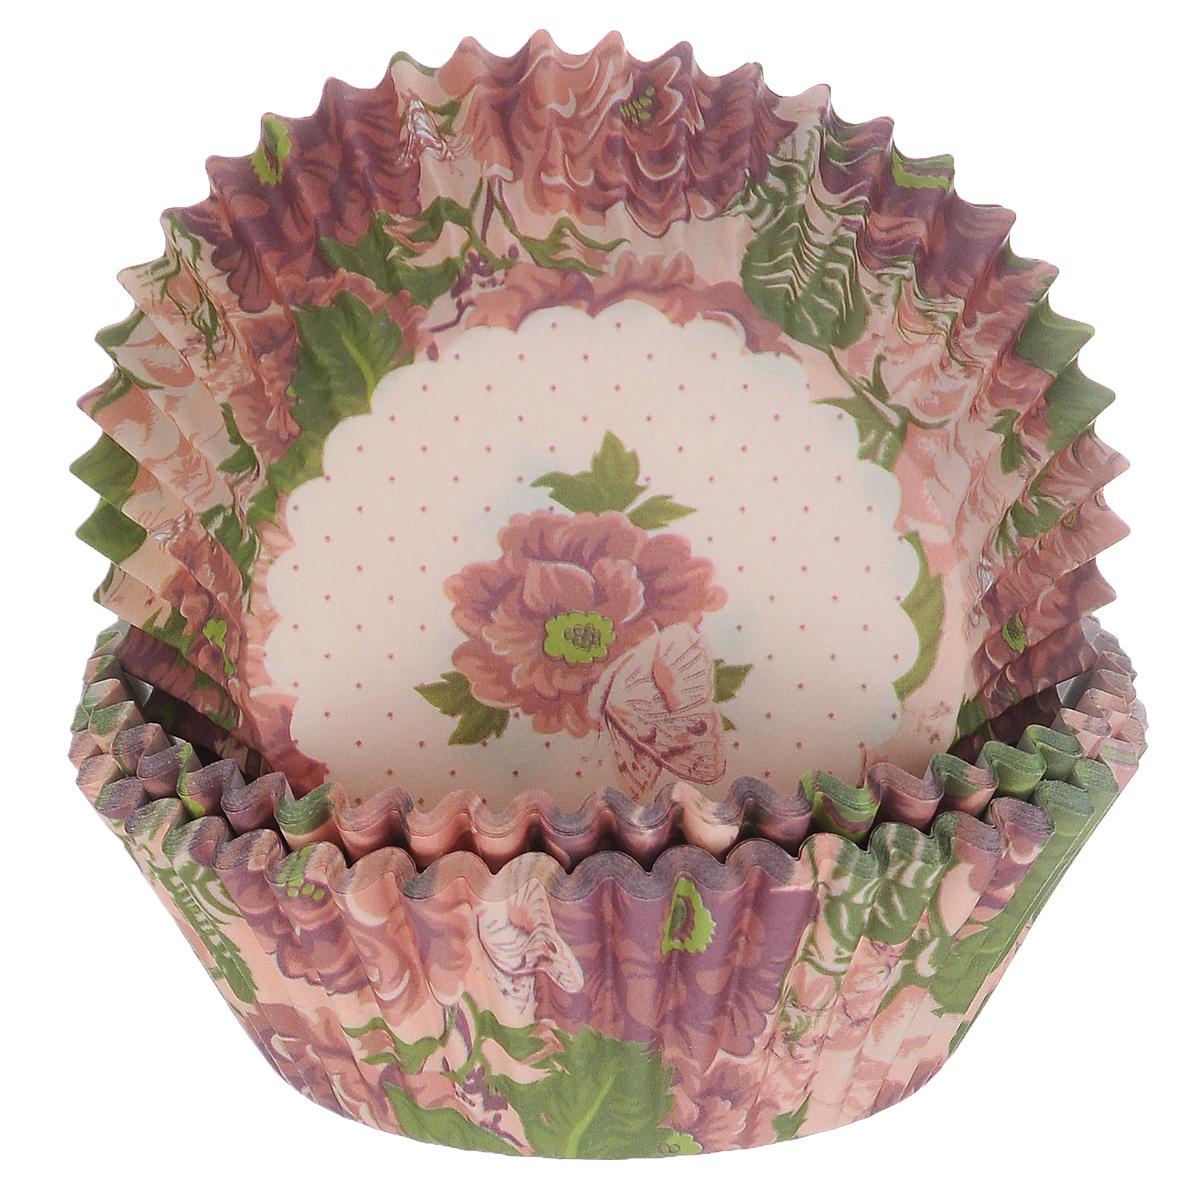 Набор бумажных форм для кексов Dolce Arti Букет, цвет: сиреневый, розовый, диаметр 5 см, 50 шт54 009312Набор Dolce Arti Букет состоит из 50 бумажных форм для кексов, оформленных красочным цветочным изображением. Они предназначены для выпечки и упаковки кондитерских изделий, также могут использоваться для сервировки орешков, конфет и многого другого. Для одноразового применения. Гофрированные бумажные формы идеальны для выпечки кексов, булочек и пирожных.Высота стенки: 3 см. Диаметр (по верхнему краю): 7 см.